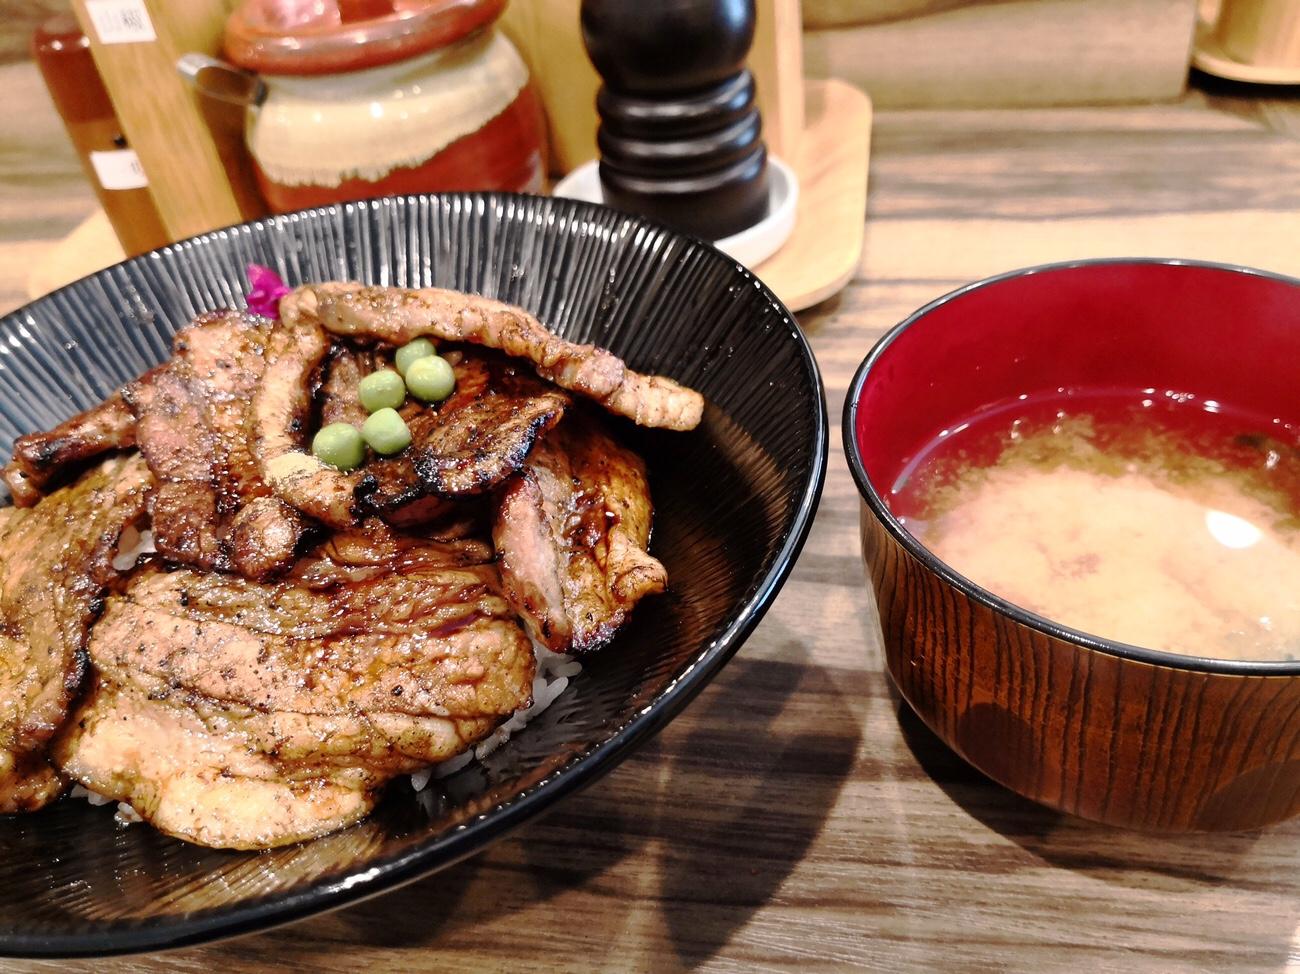 豚や西神田 マンガリッツァ豚の豚丼